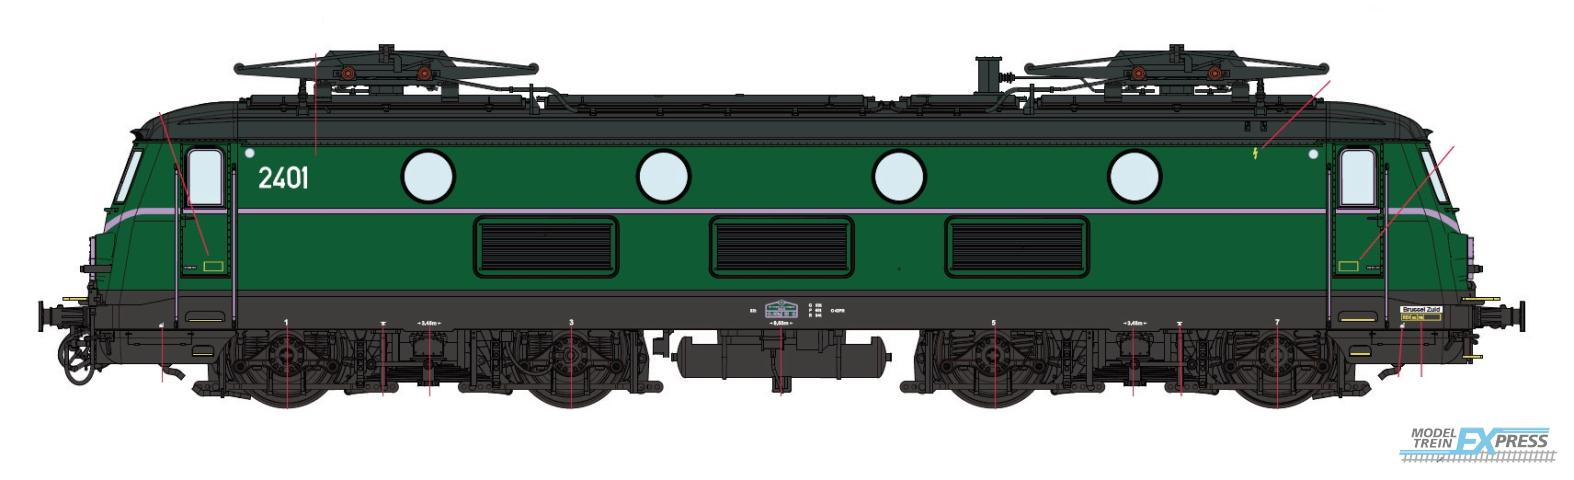 B-Models 3401.07